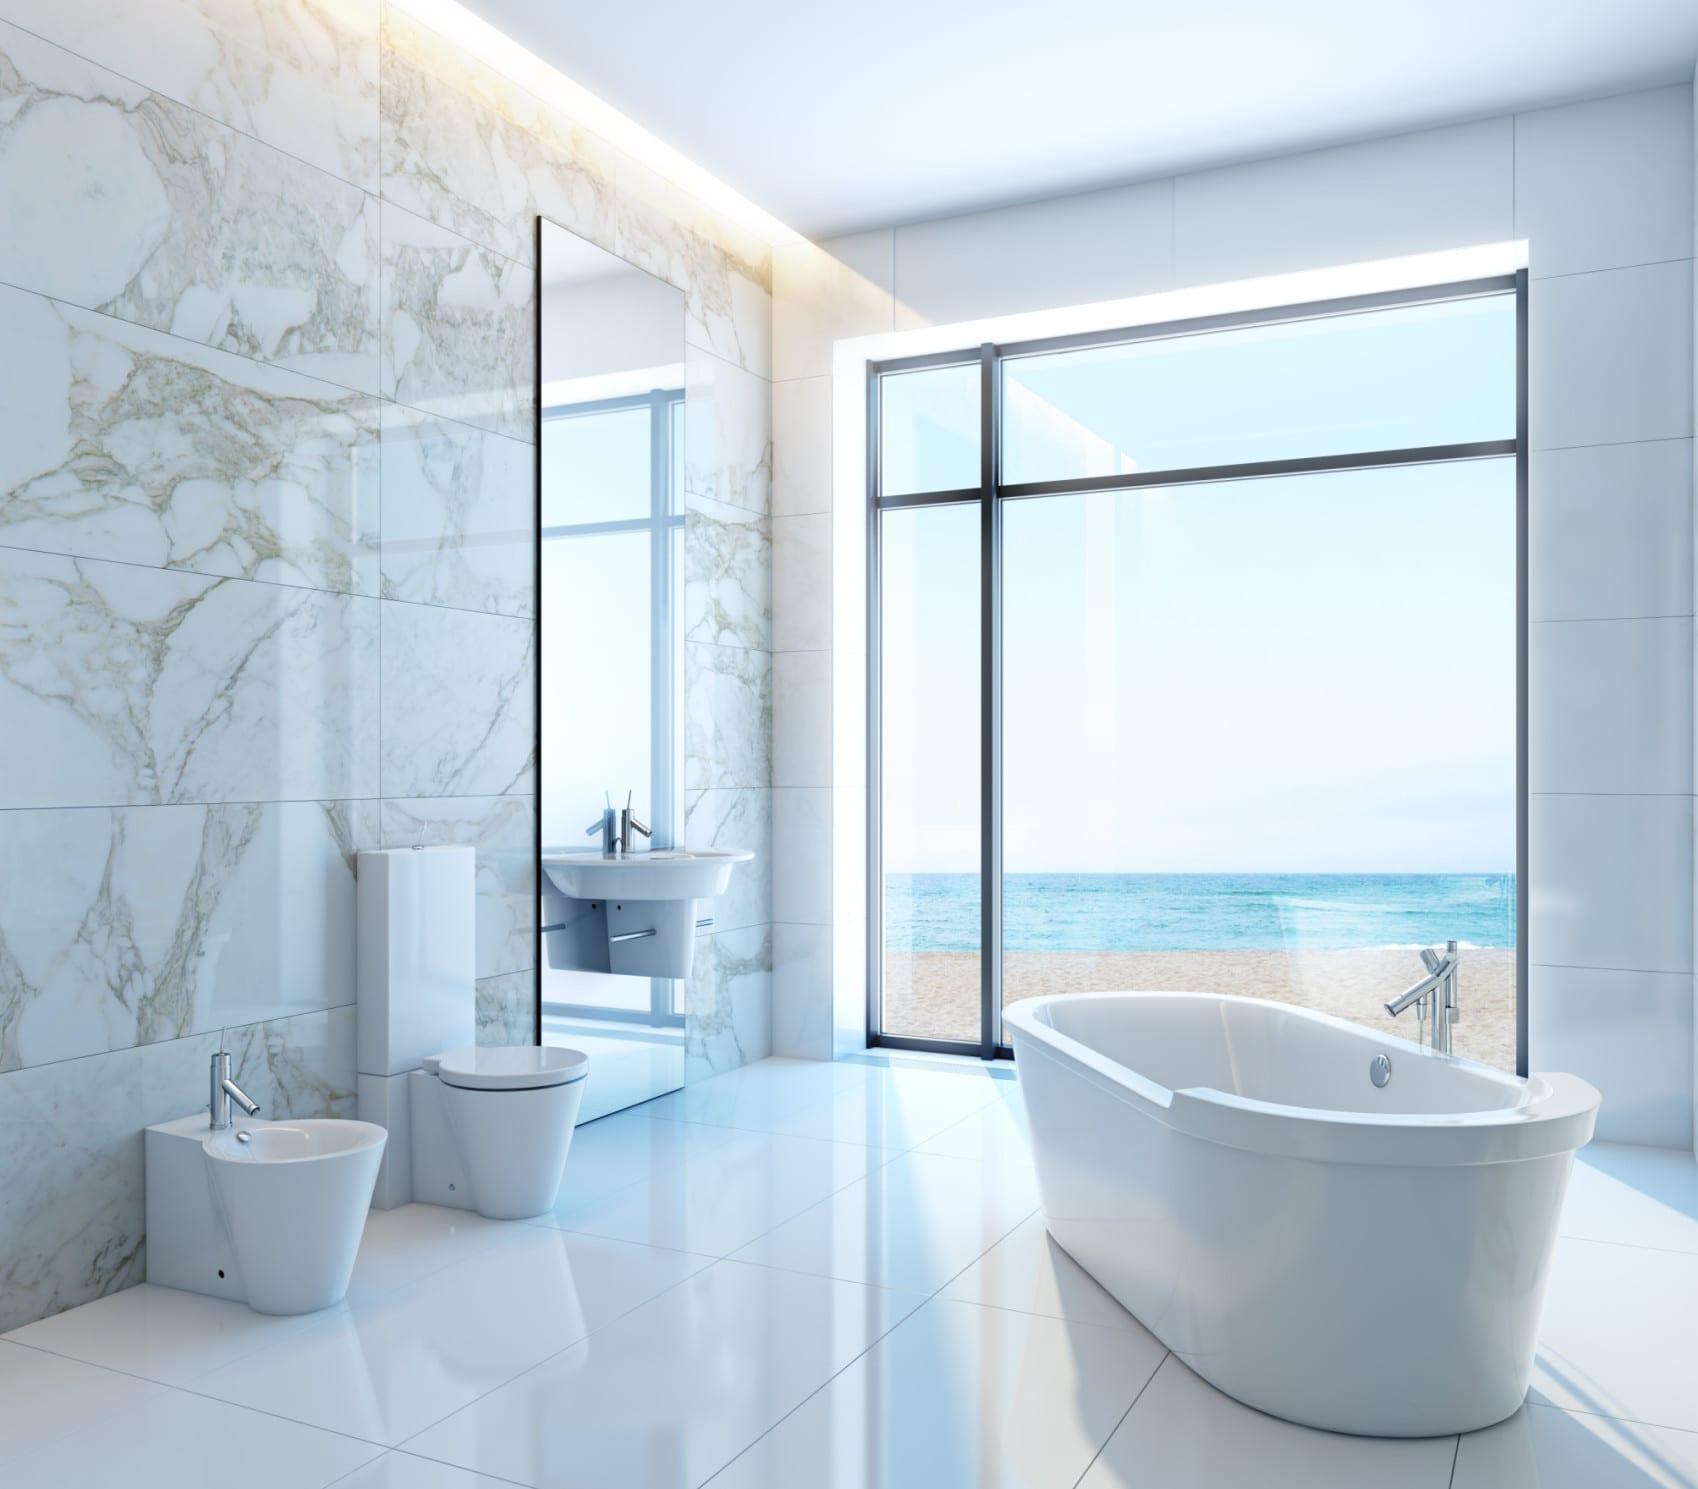 Bodenfliesen im Badezimmer – Trends 2016 für moderne ...